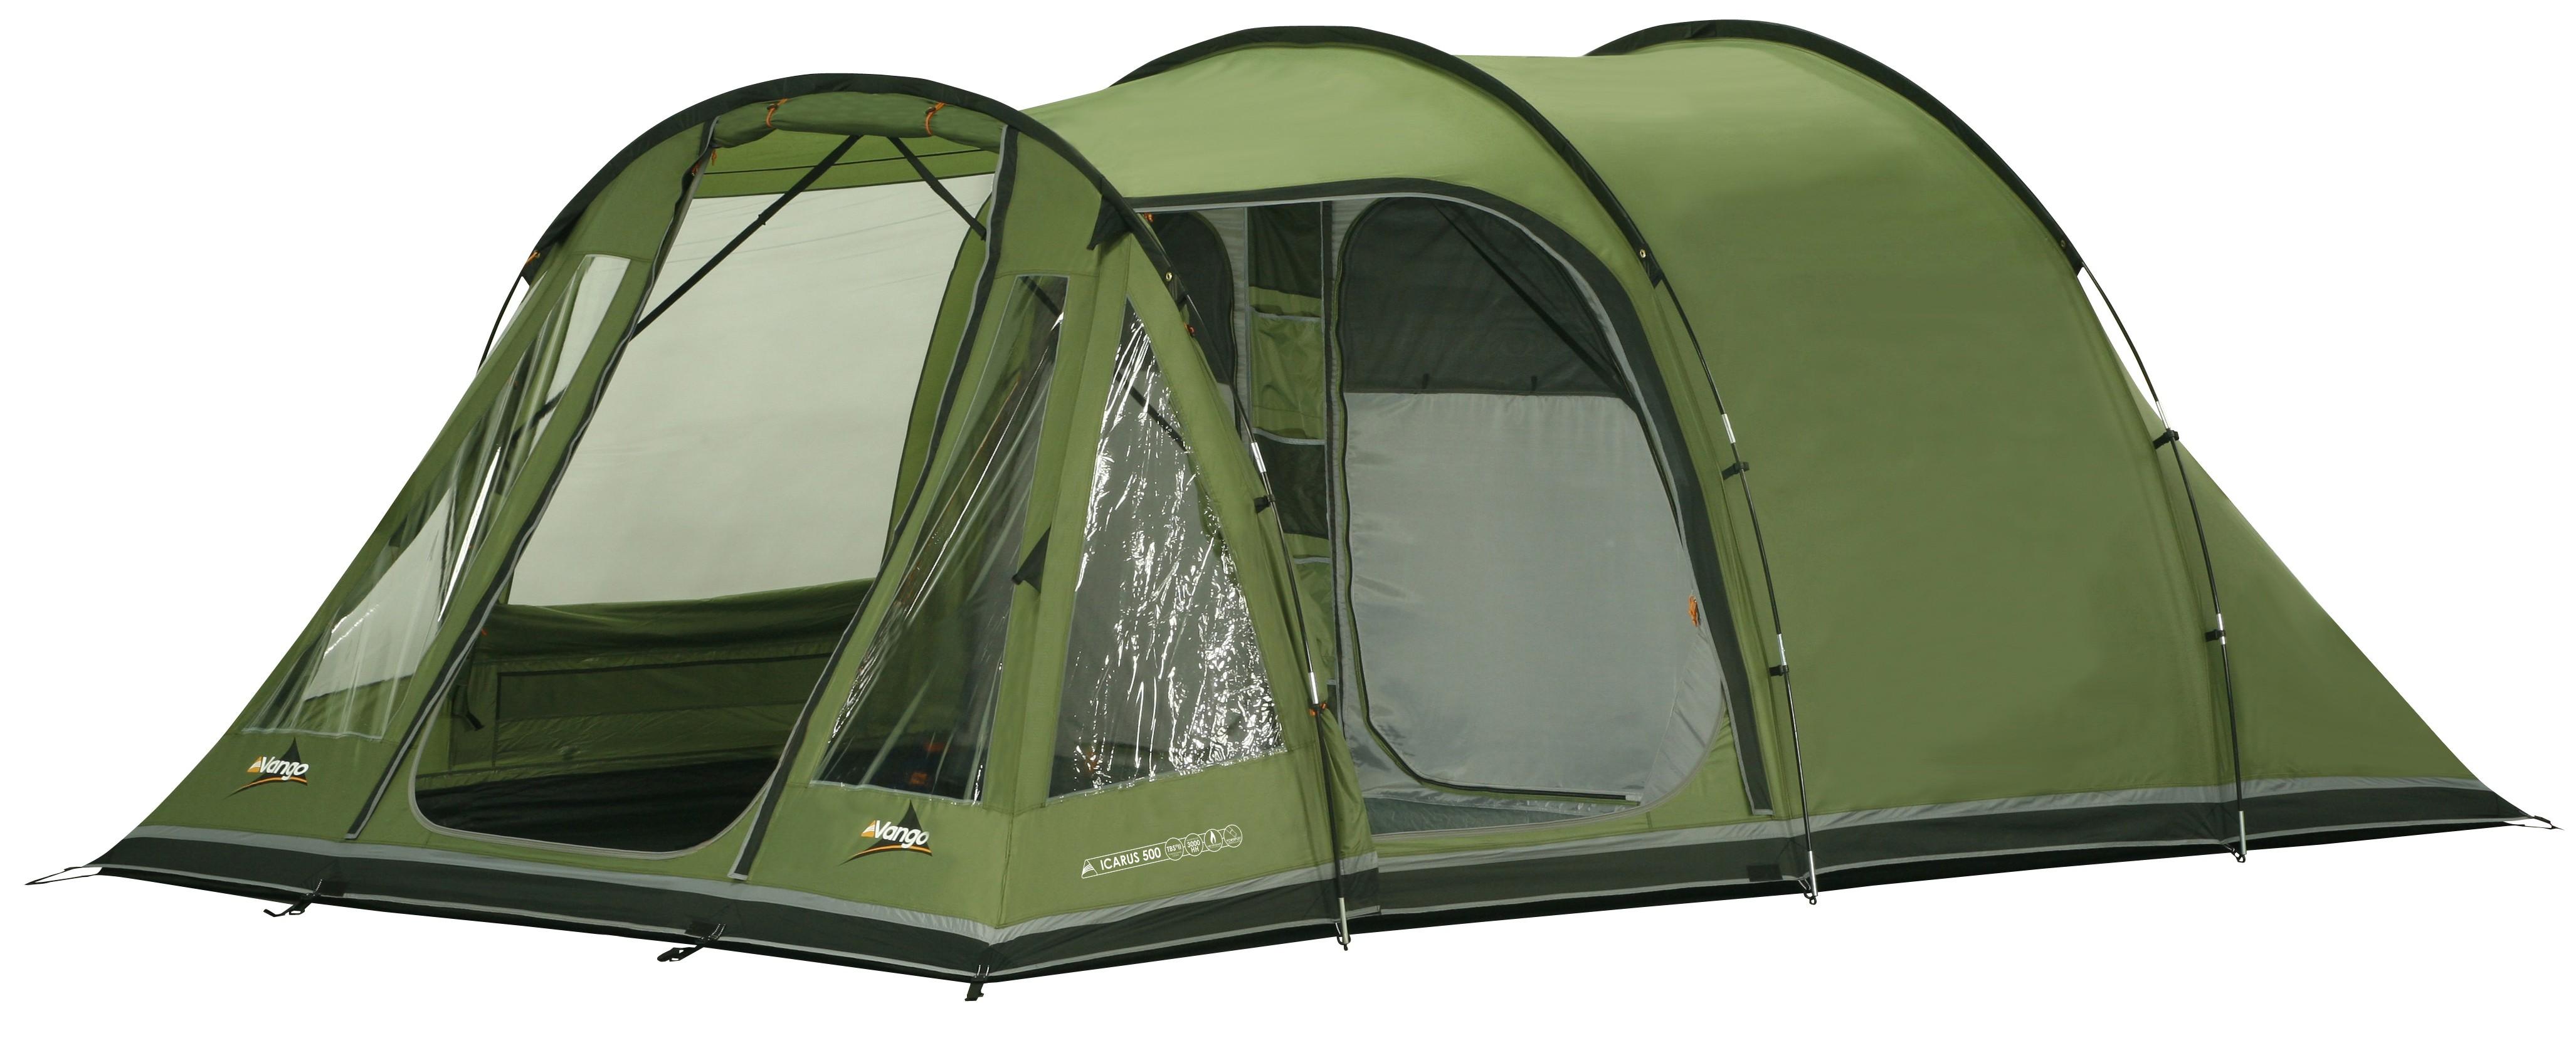 sc 1 st  Outdoor Megastore & Vango Icarus 500 Tent